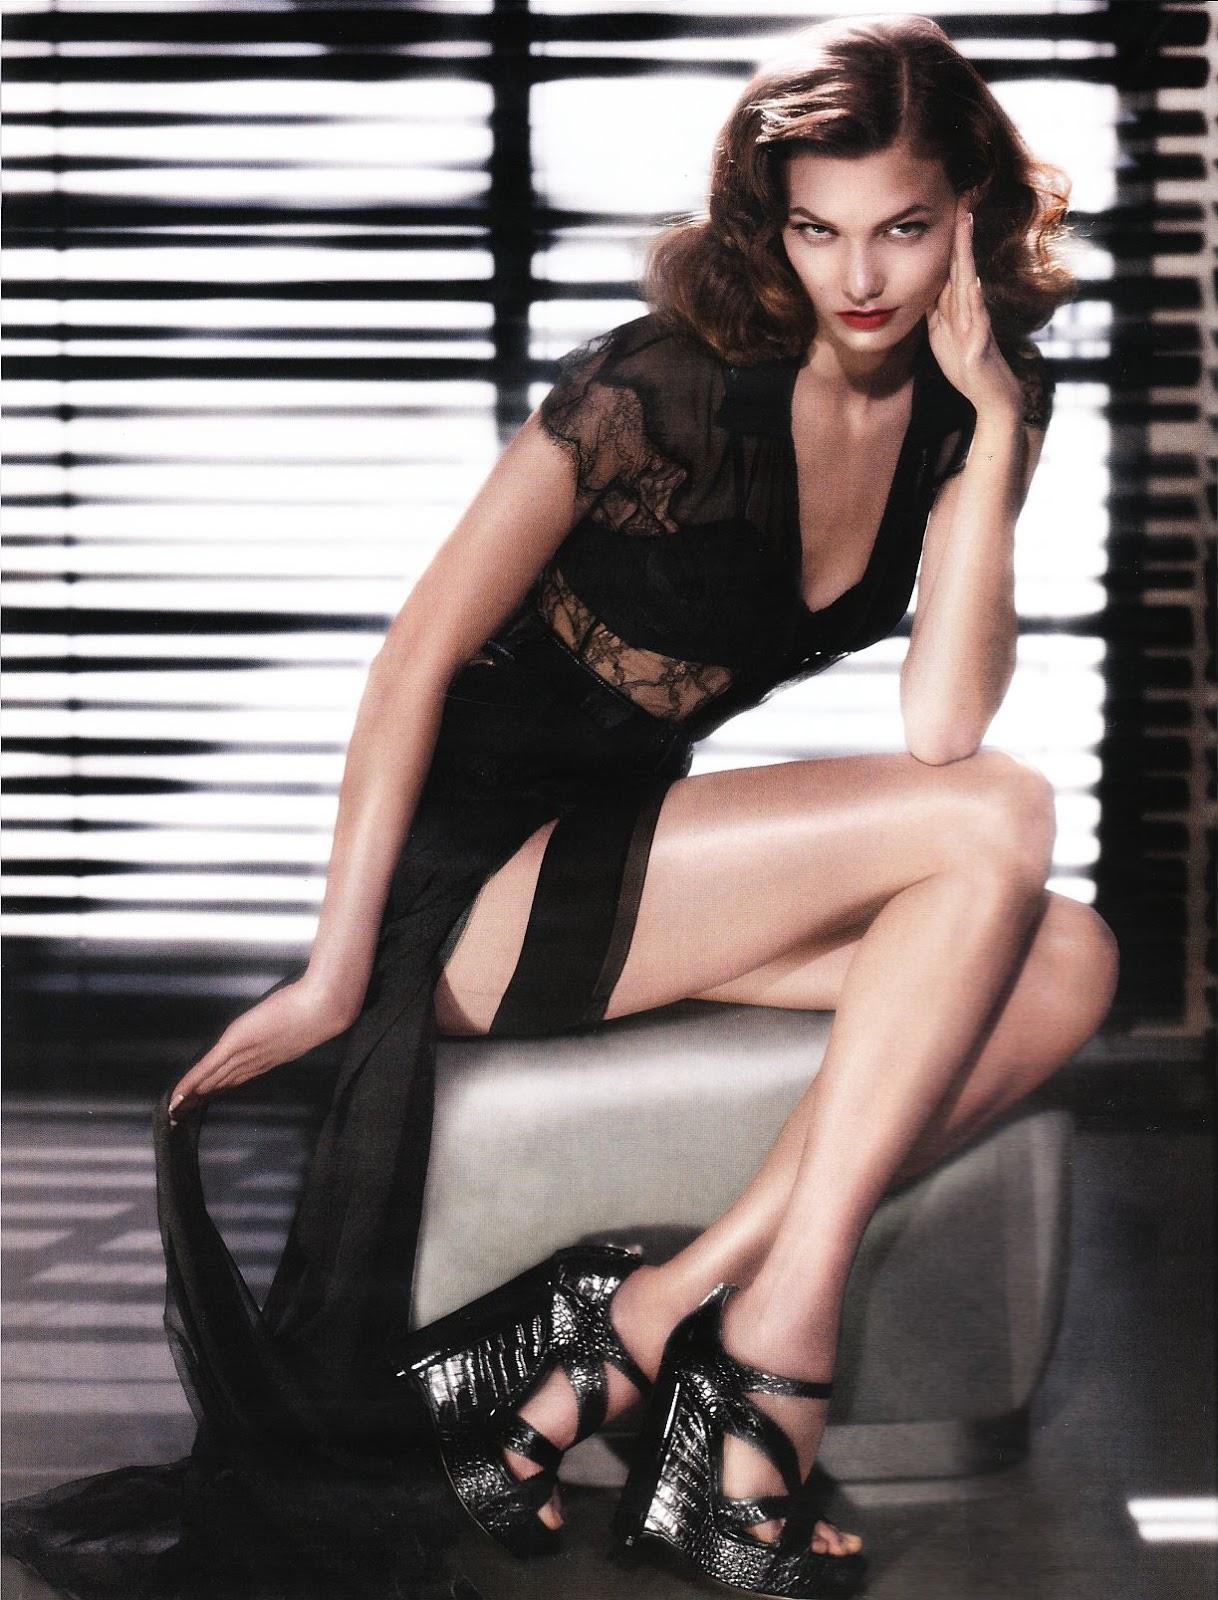 http://3.bp.blogspot.com/-_2AbaveuUmk/ULeKzCRbDeI/AAAAAAAAAa8/tihh2huNzuA/s1600/Karlie-Kloss-Feet-406096.jpg